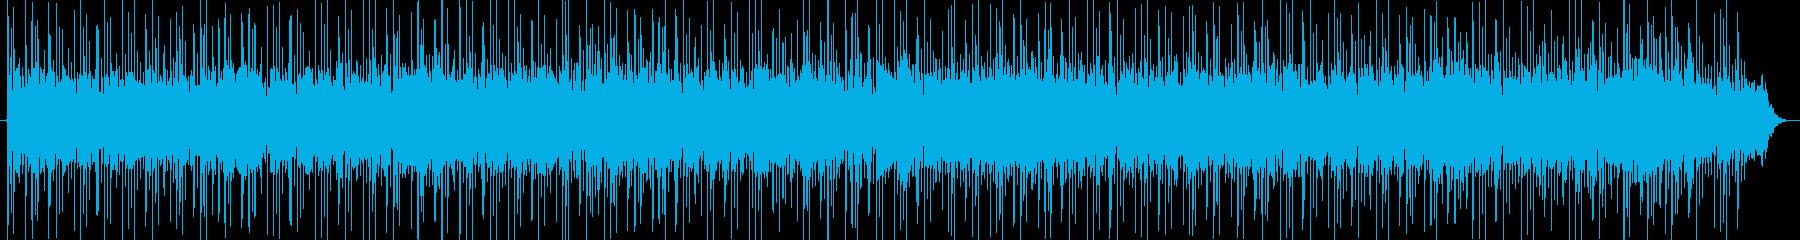 ゆったりしたかっこいいメロディーの再生済みの波形